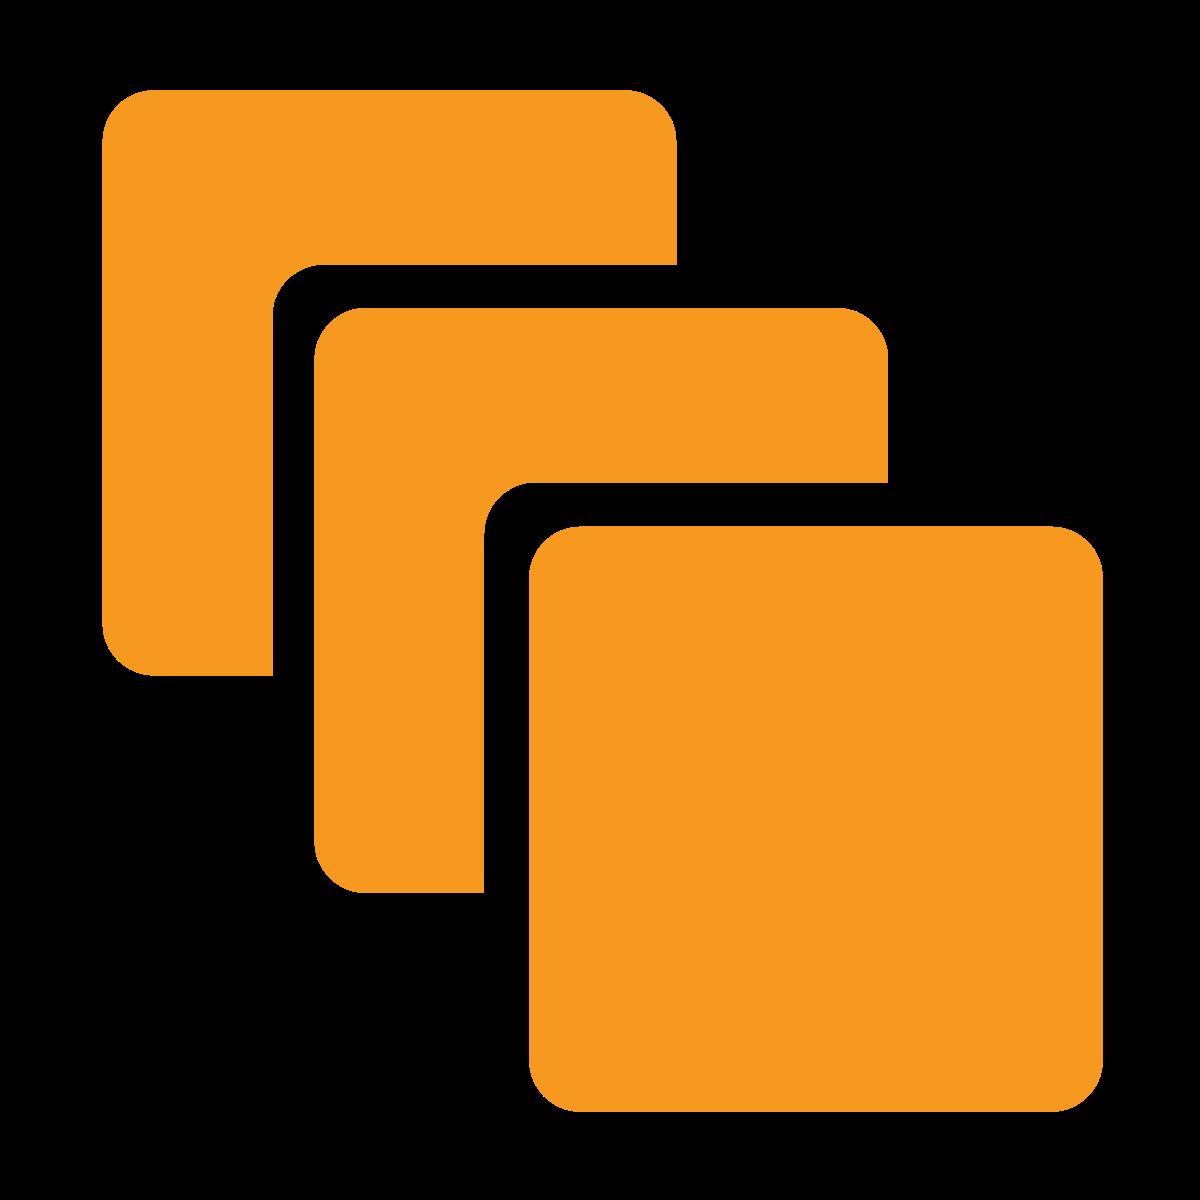 Logo AWS EC2